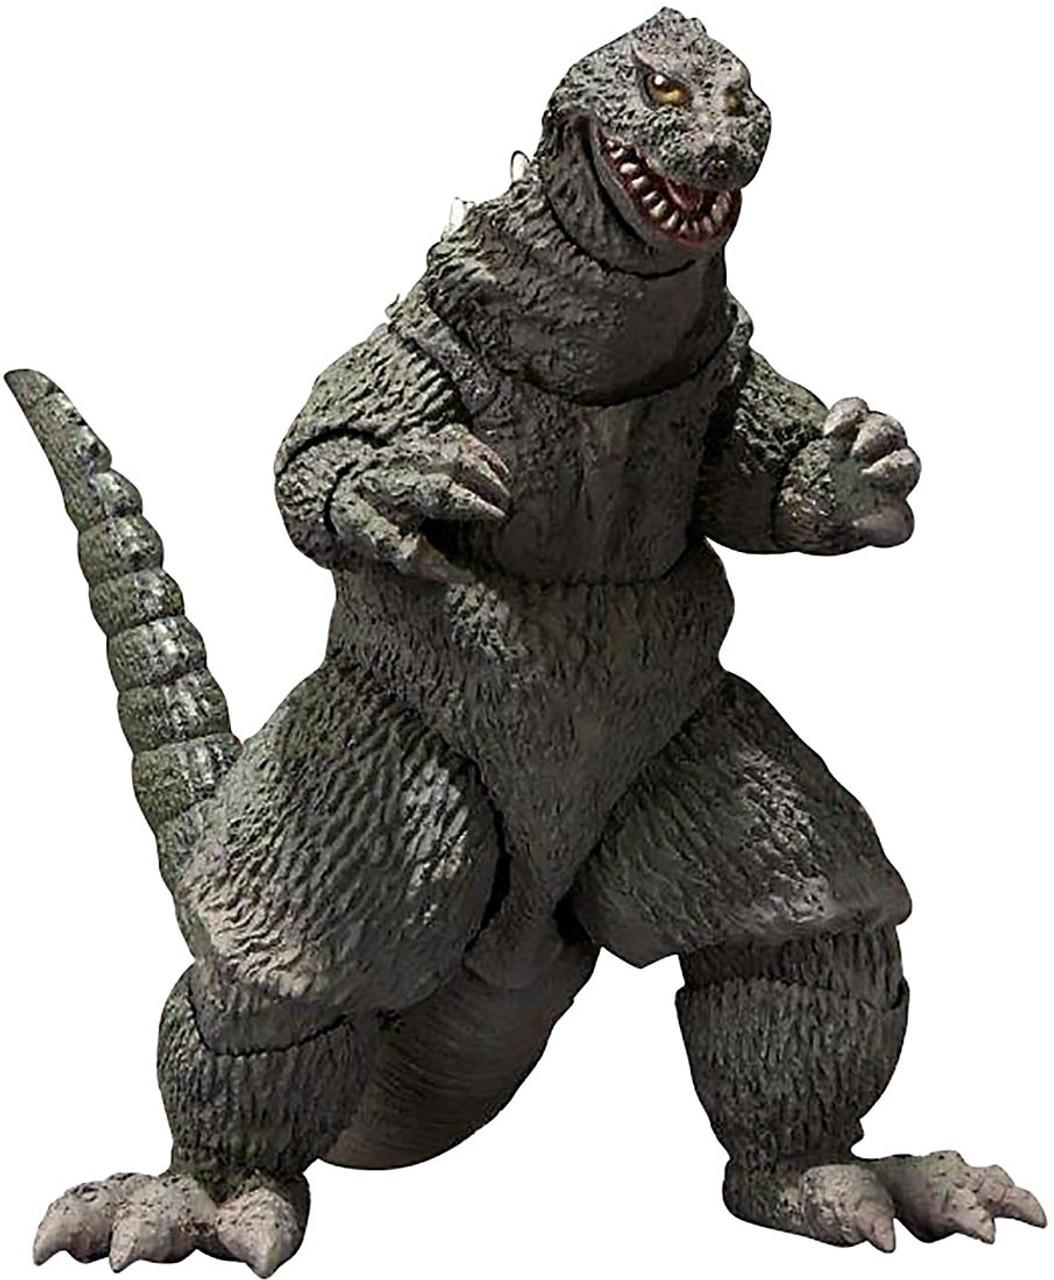 Godzilla 1962 King Kong Vs  Godzilla S H  Monsterarts Godzilla Action Figure